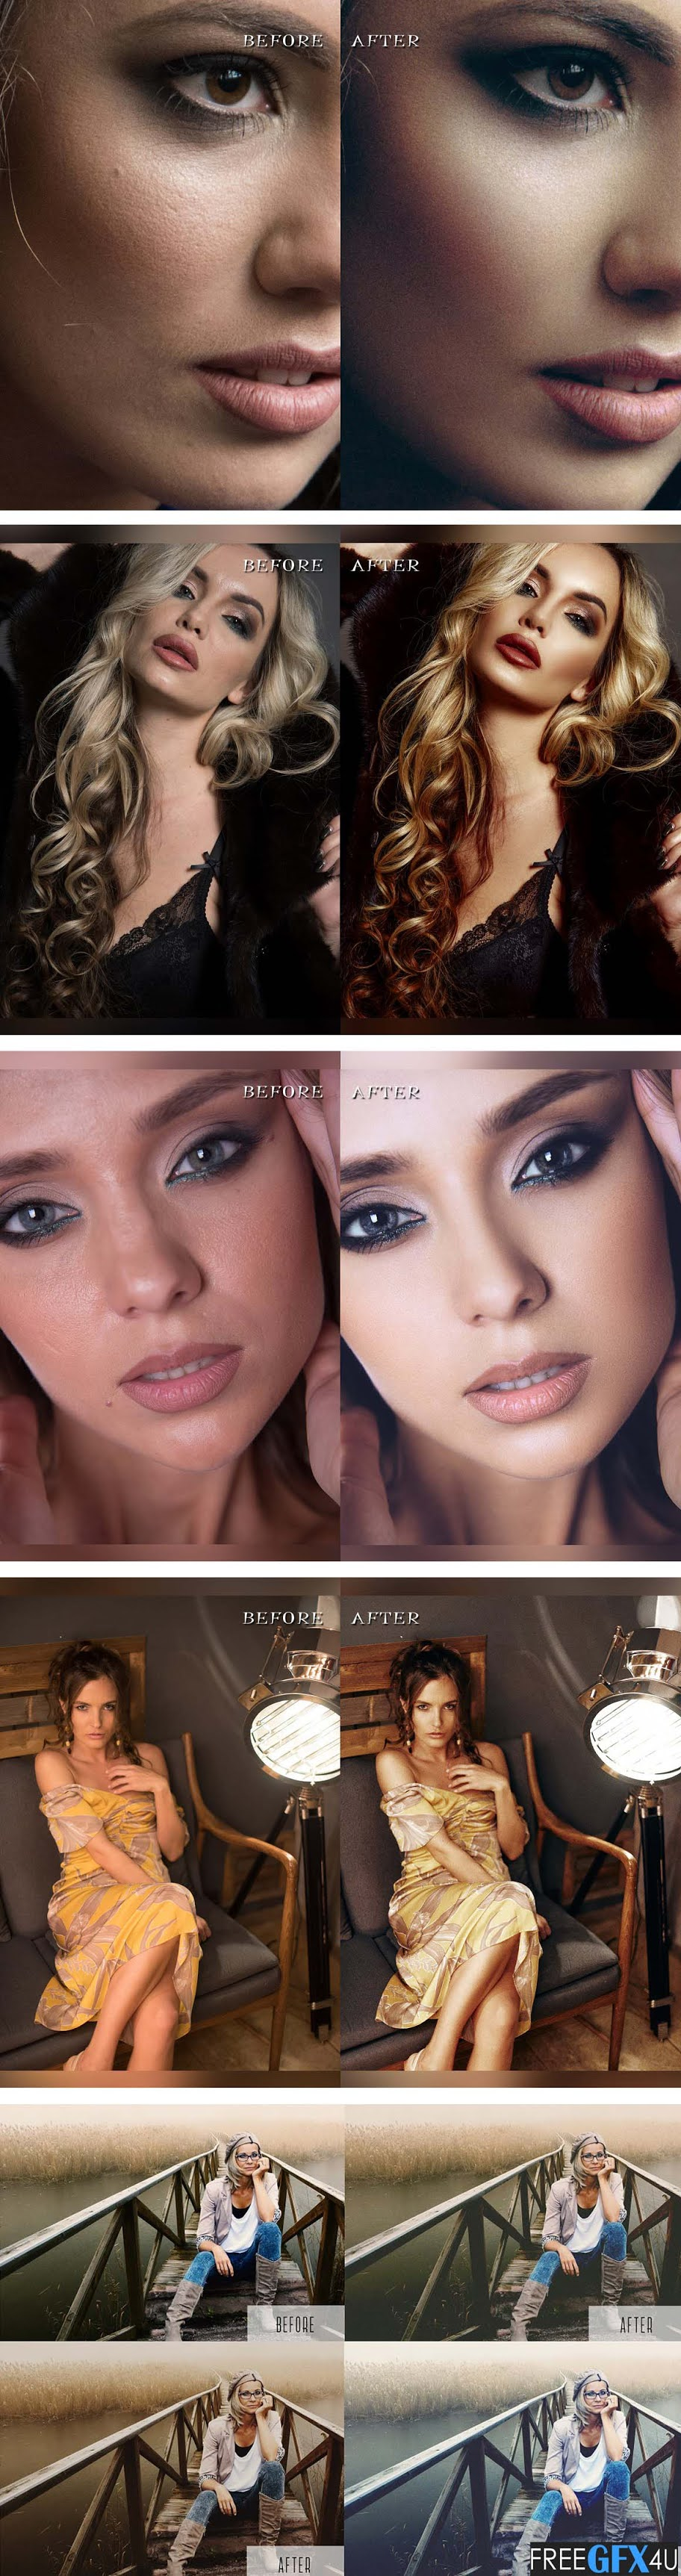 23 Pro Portrait Retouching Photoshop